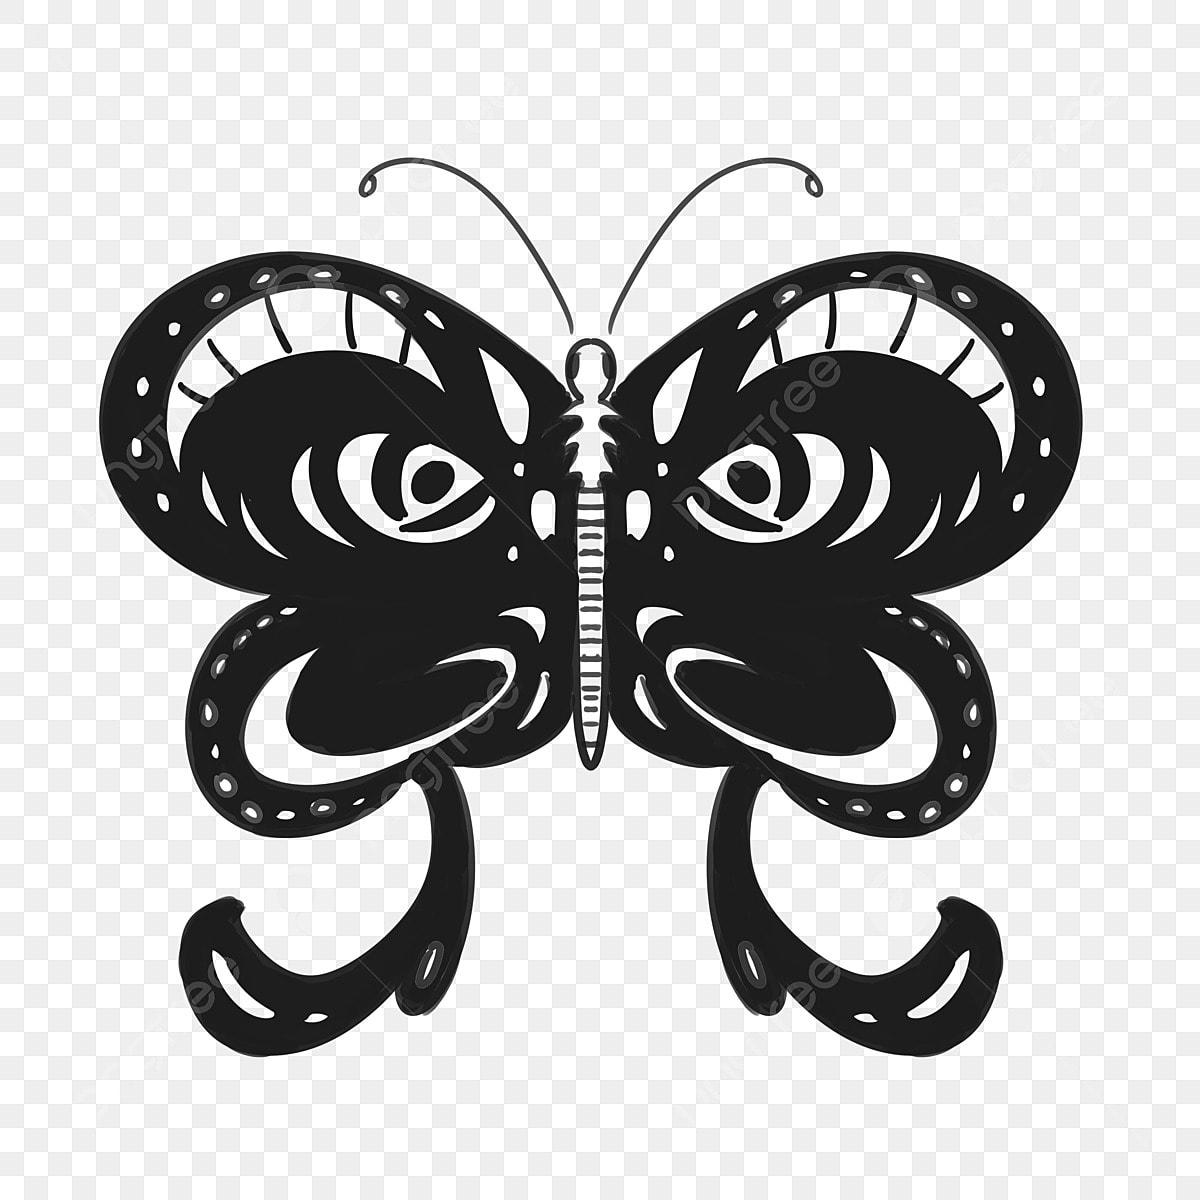 Tatouage Papillon Papillon Motif Illustration Tatouage De Papillon Papillon Modele Fichier Png Et Psd Pour Le Telechargement Libre